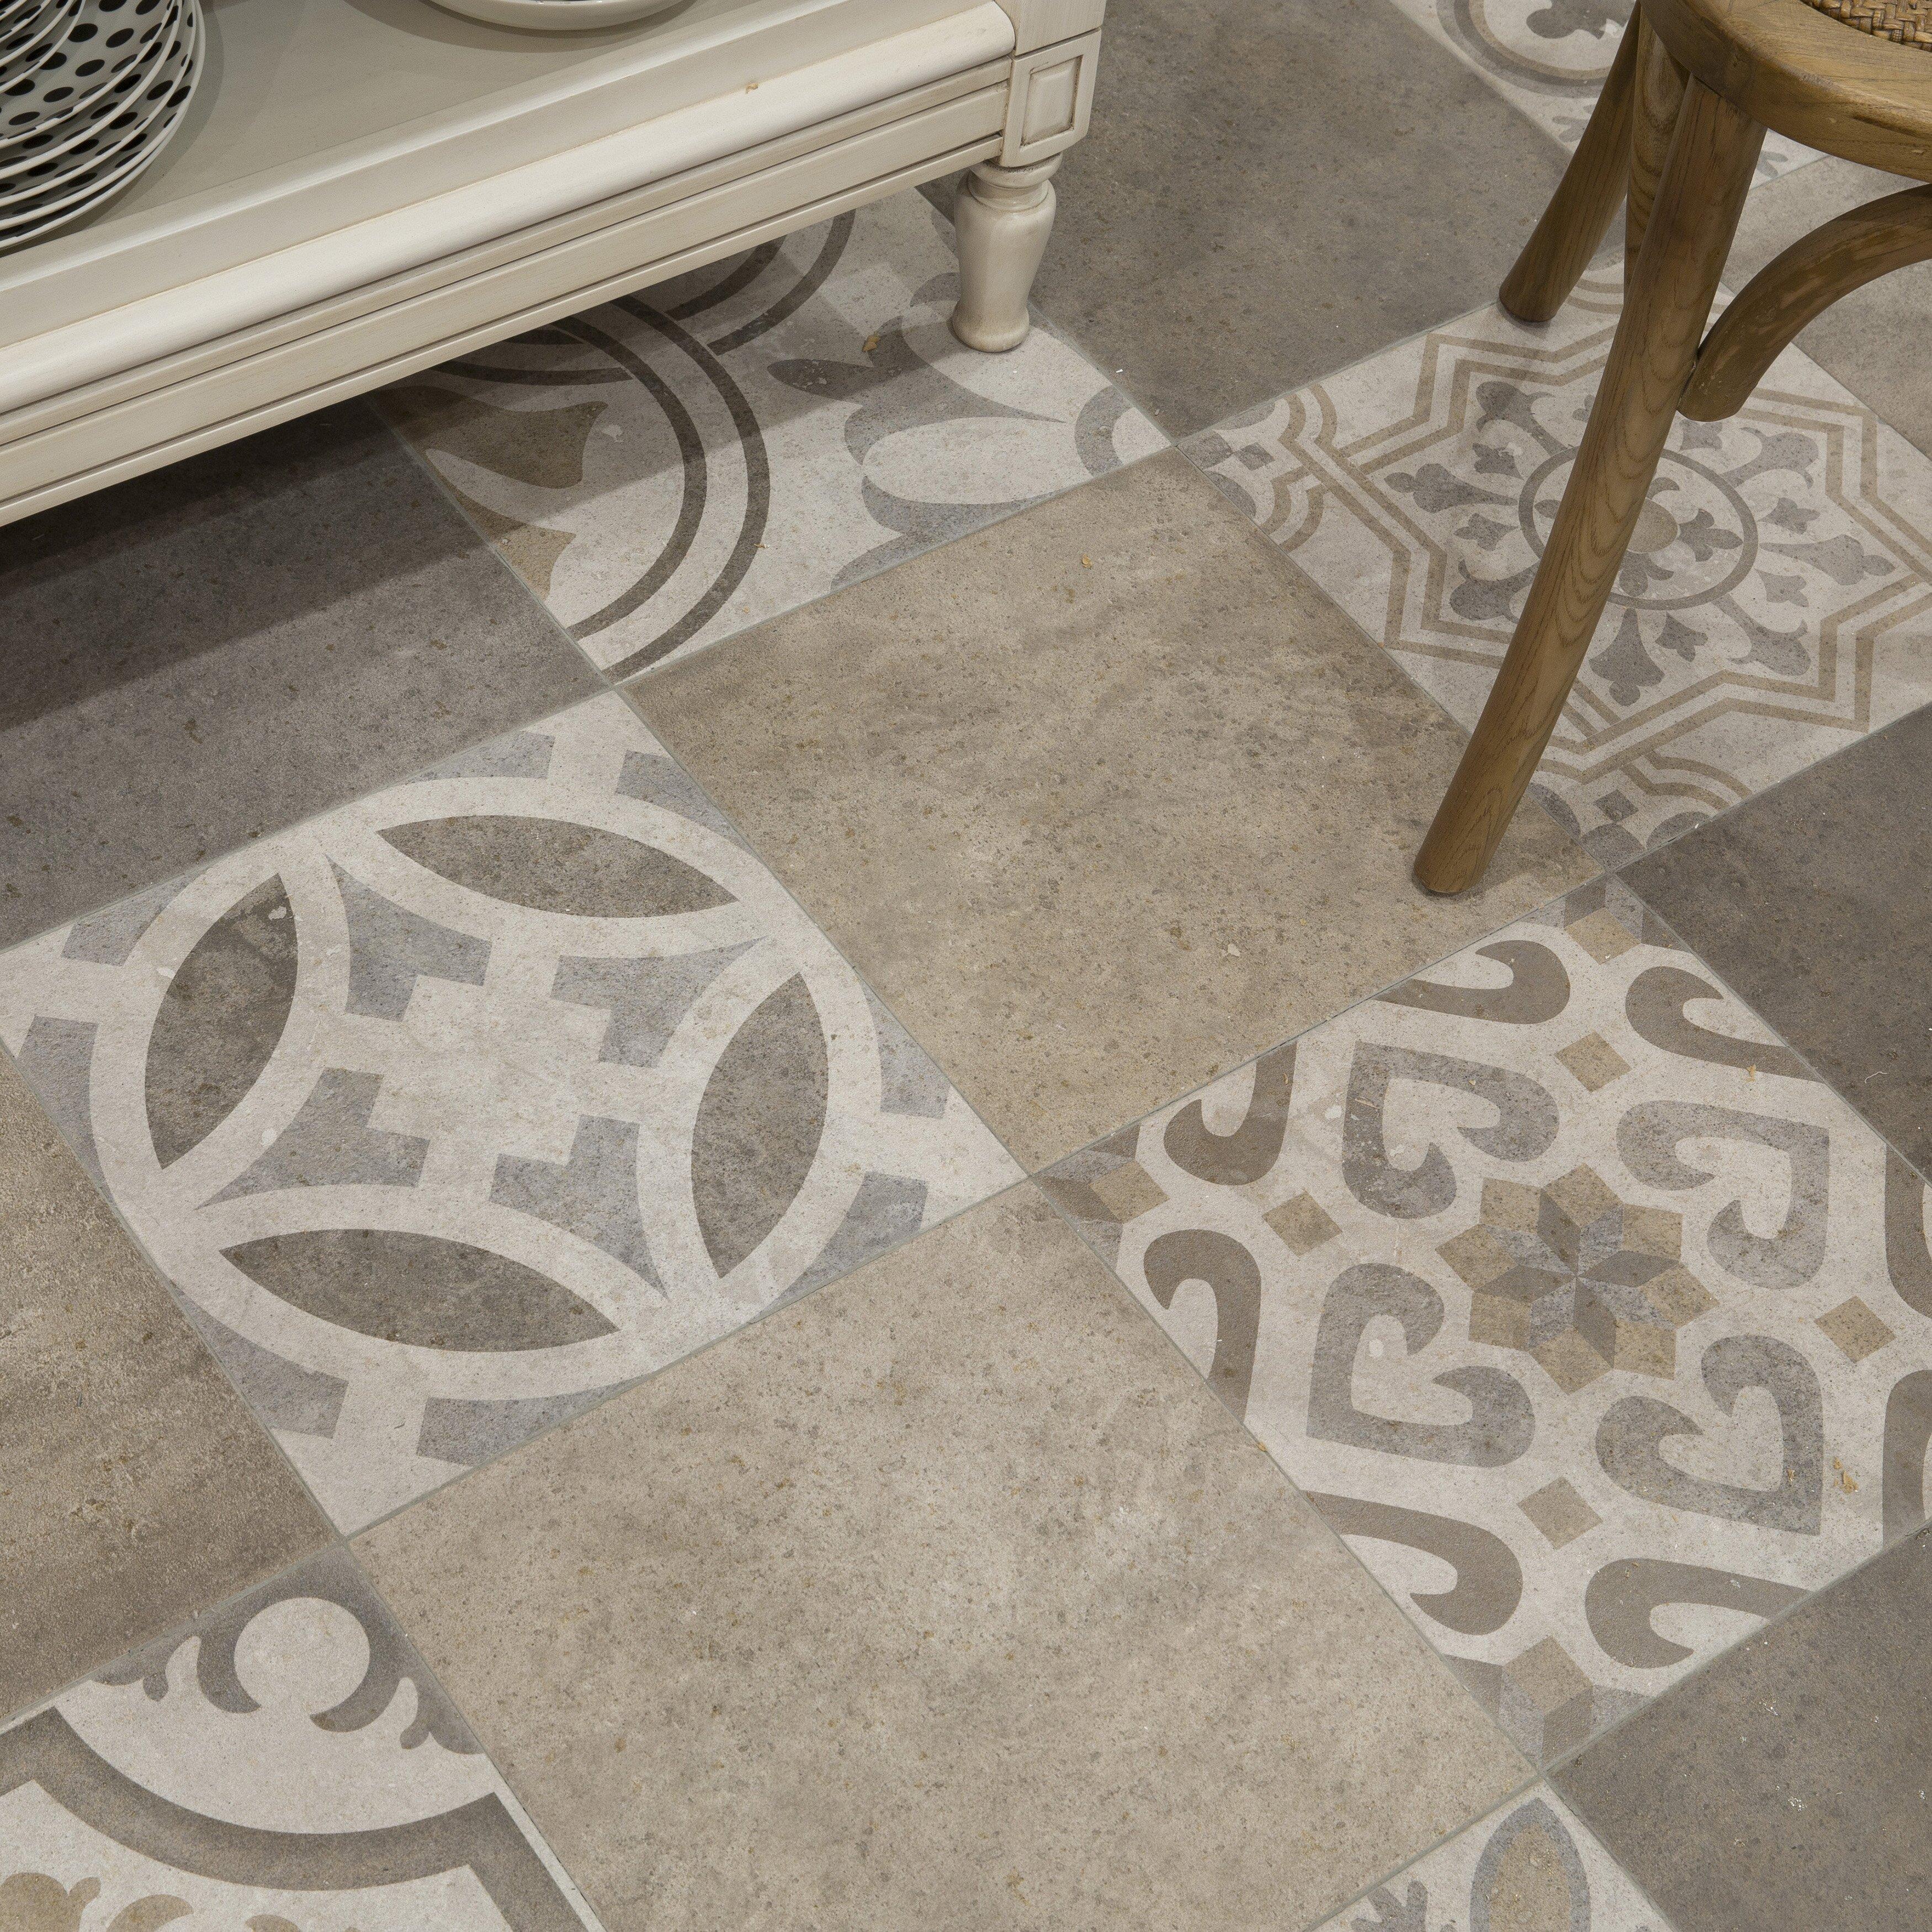 Ceramic Floor Tile 8 X 8 Ceramic Floor Tile